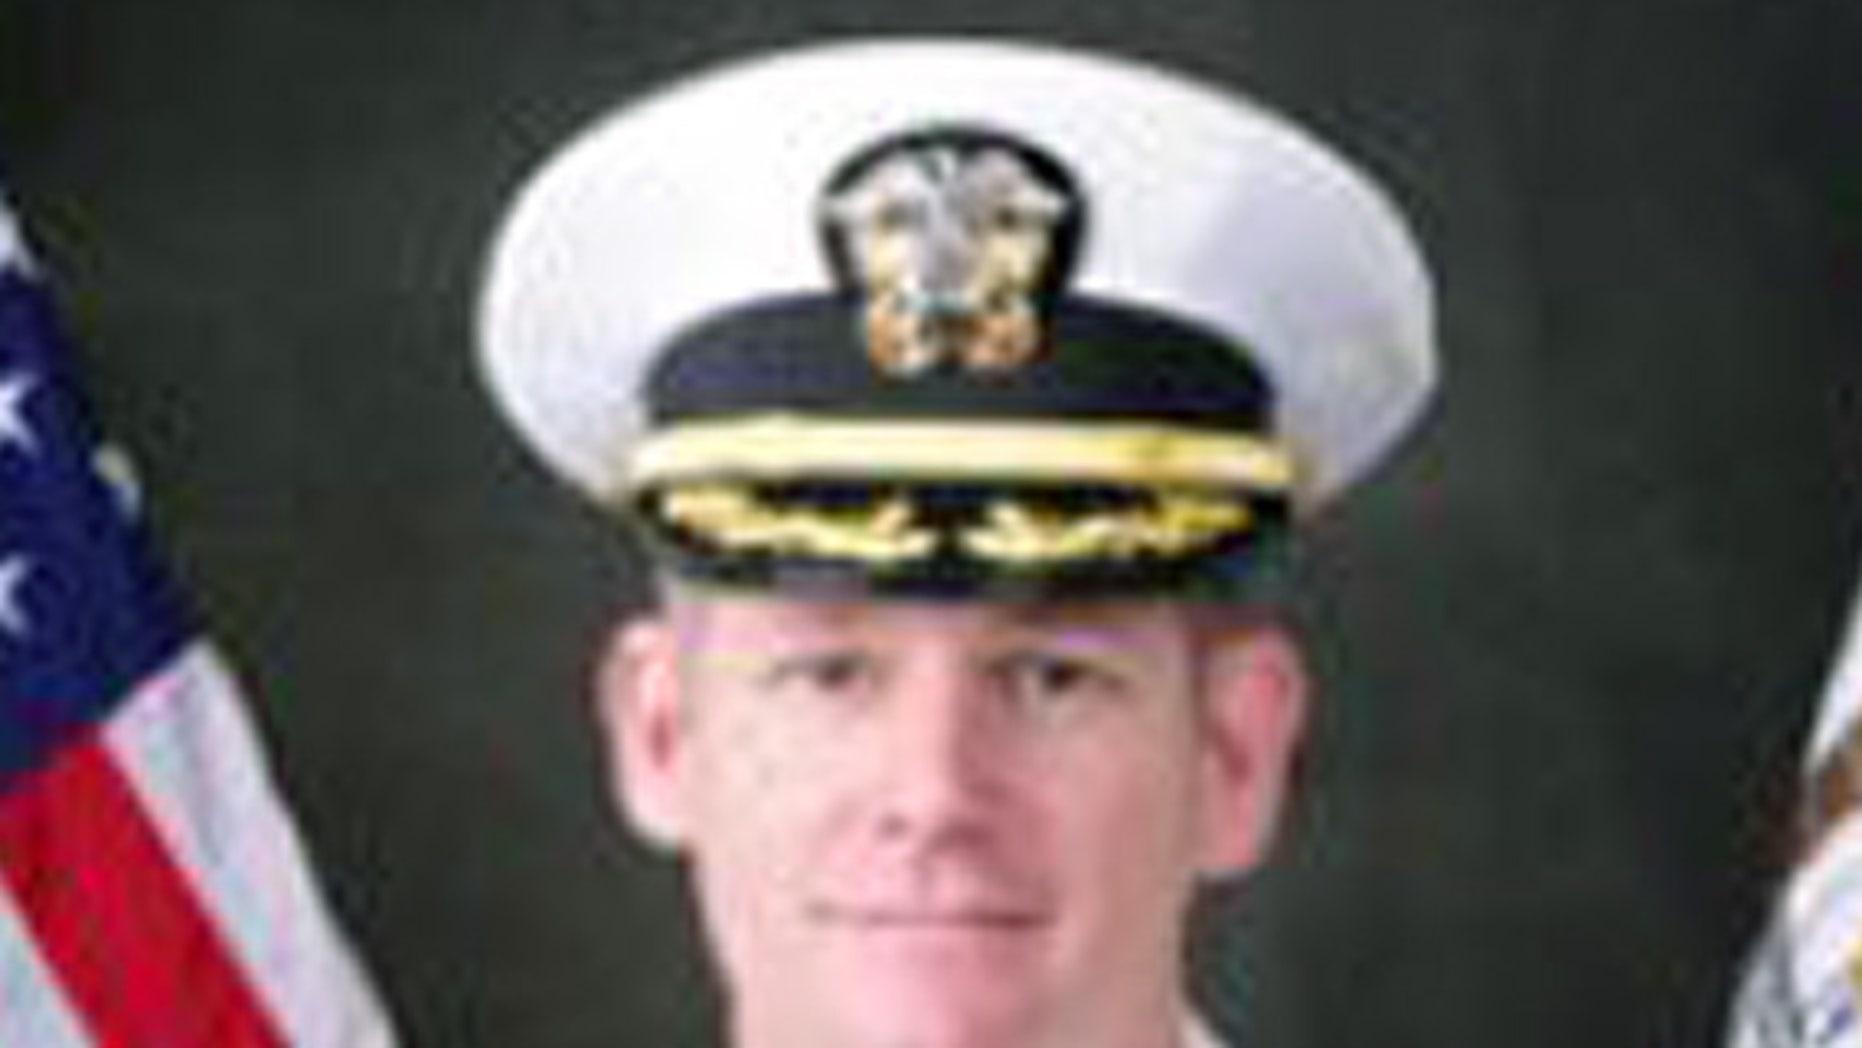 Capt. John Nettleton